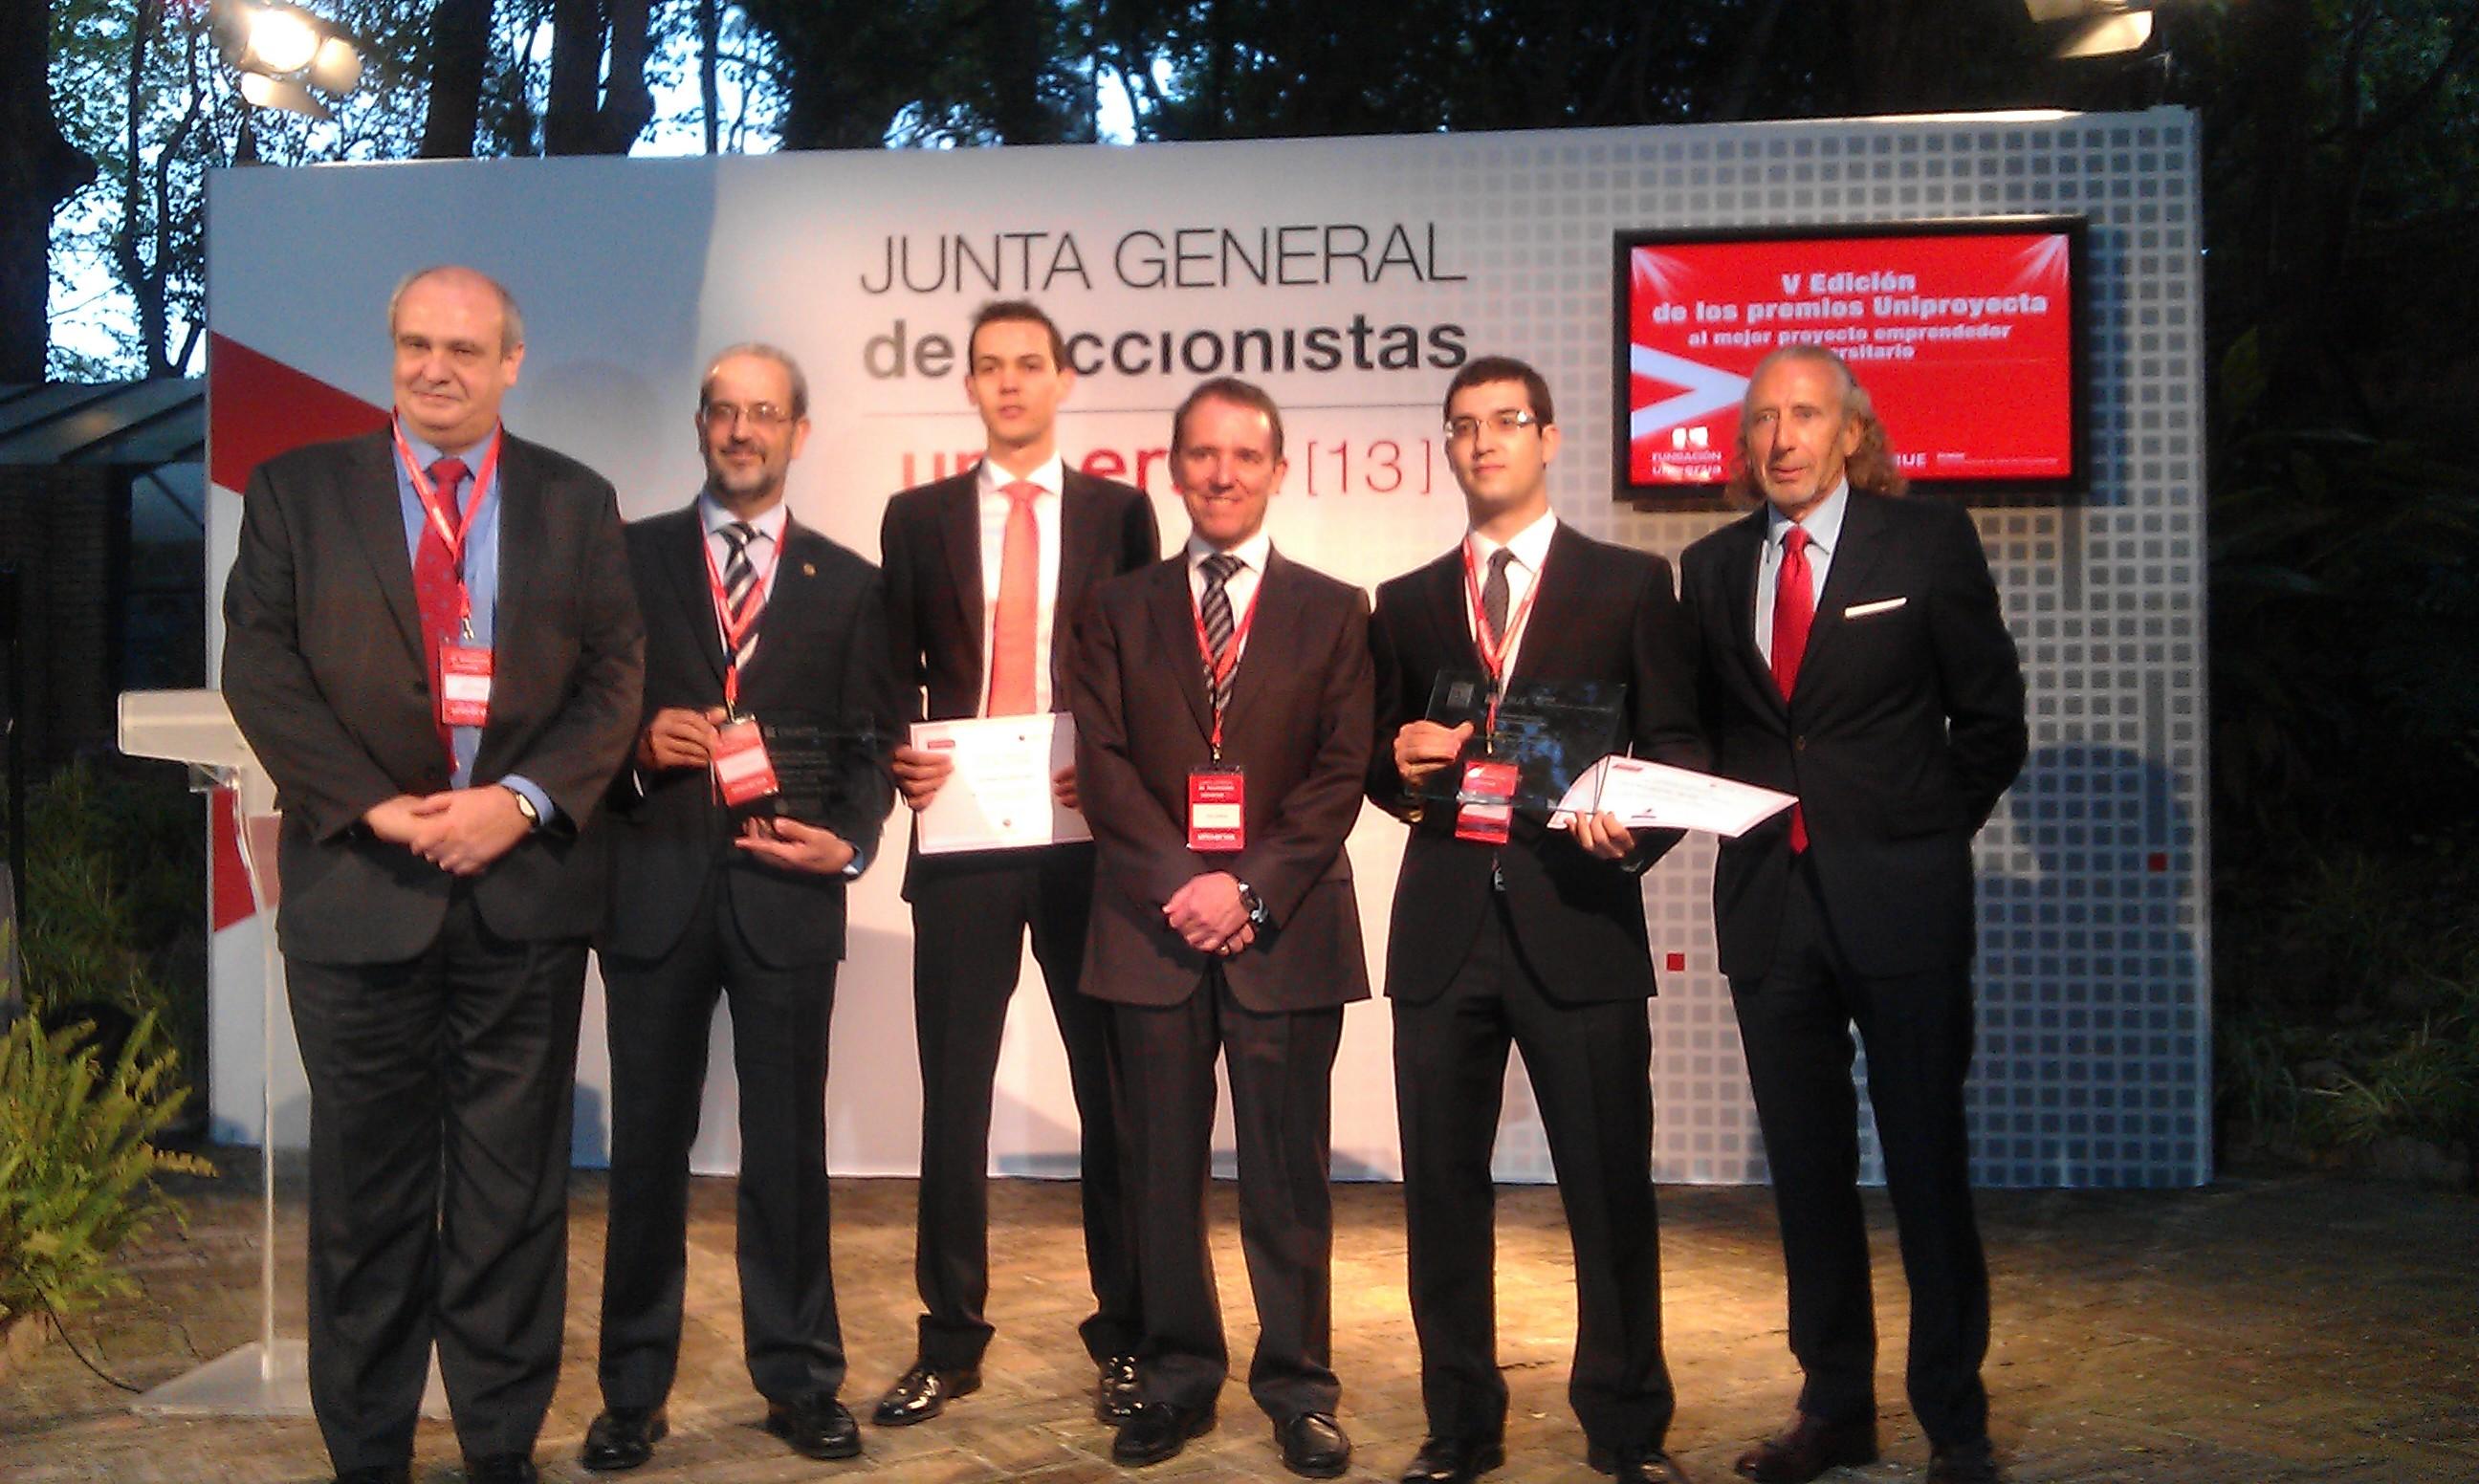 El proyecto emprendedor de un alumno de la Universidad de Salamanca, vencedor del V Premio Uniproyecta